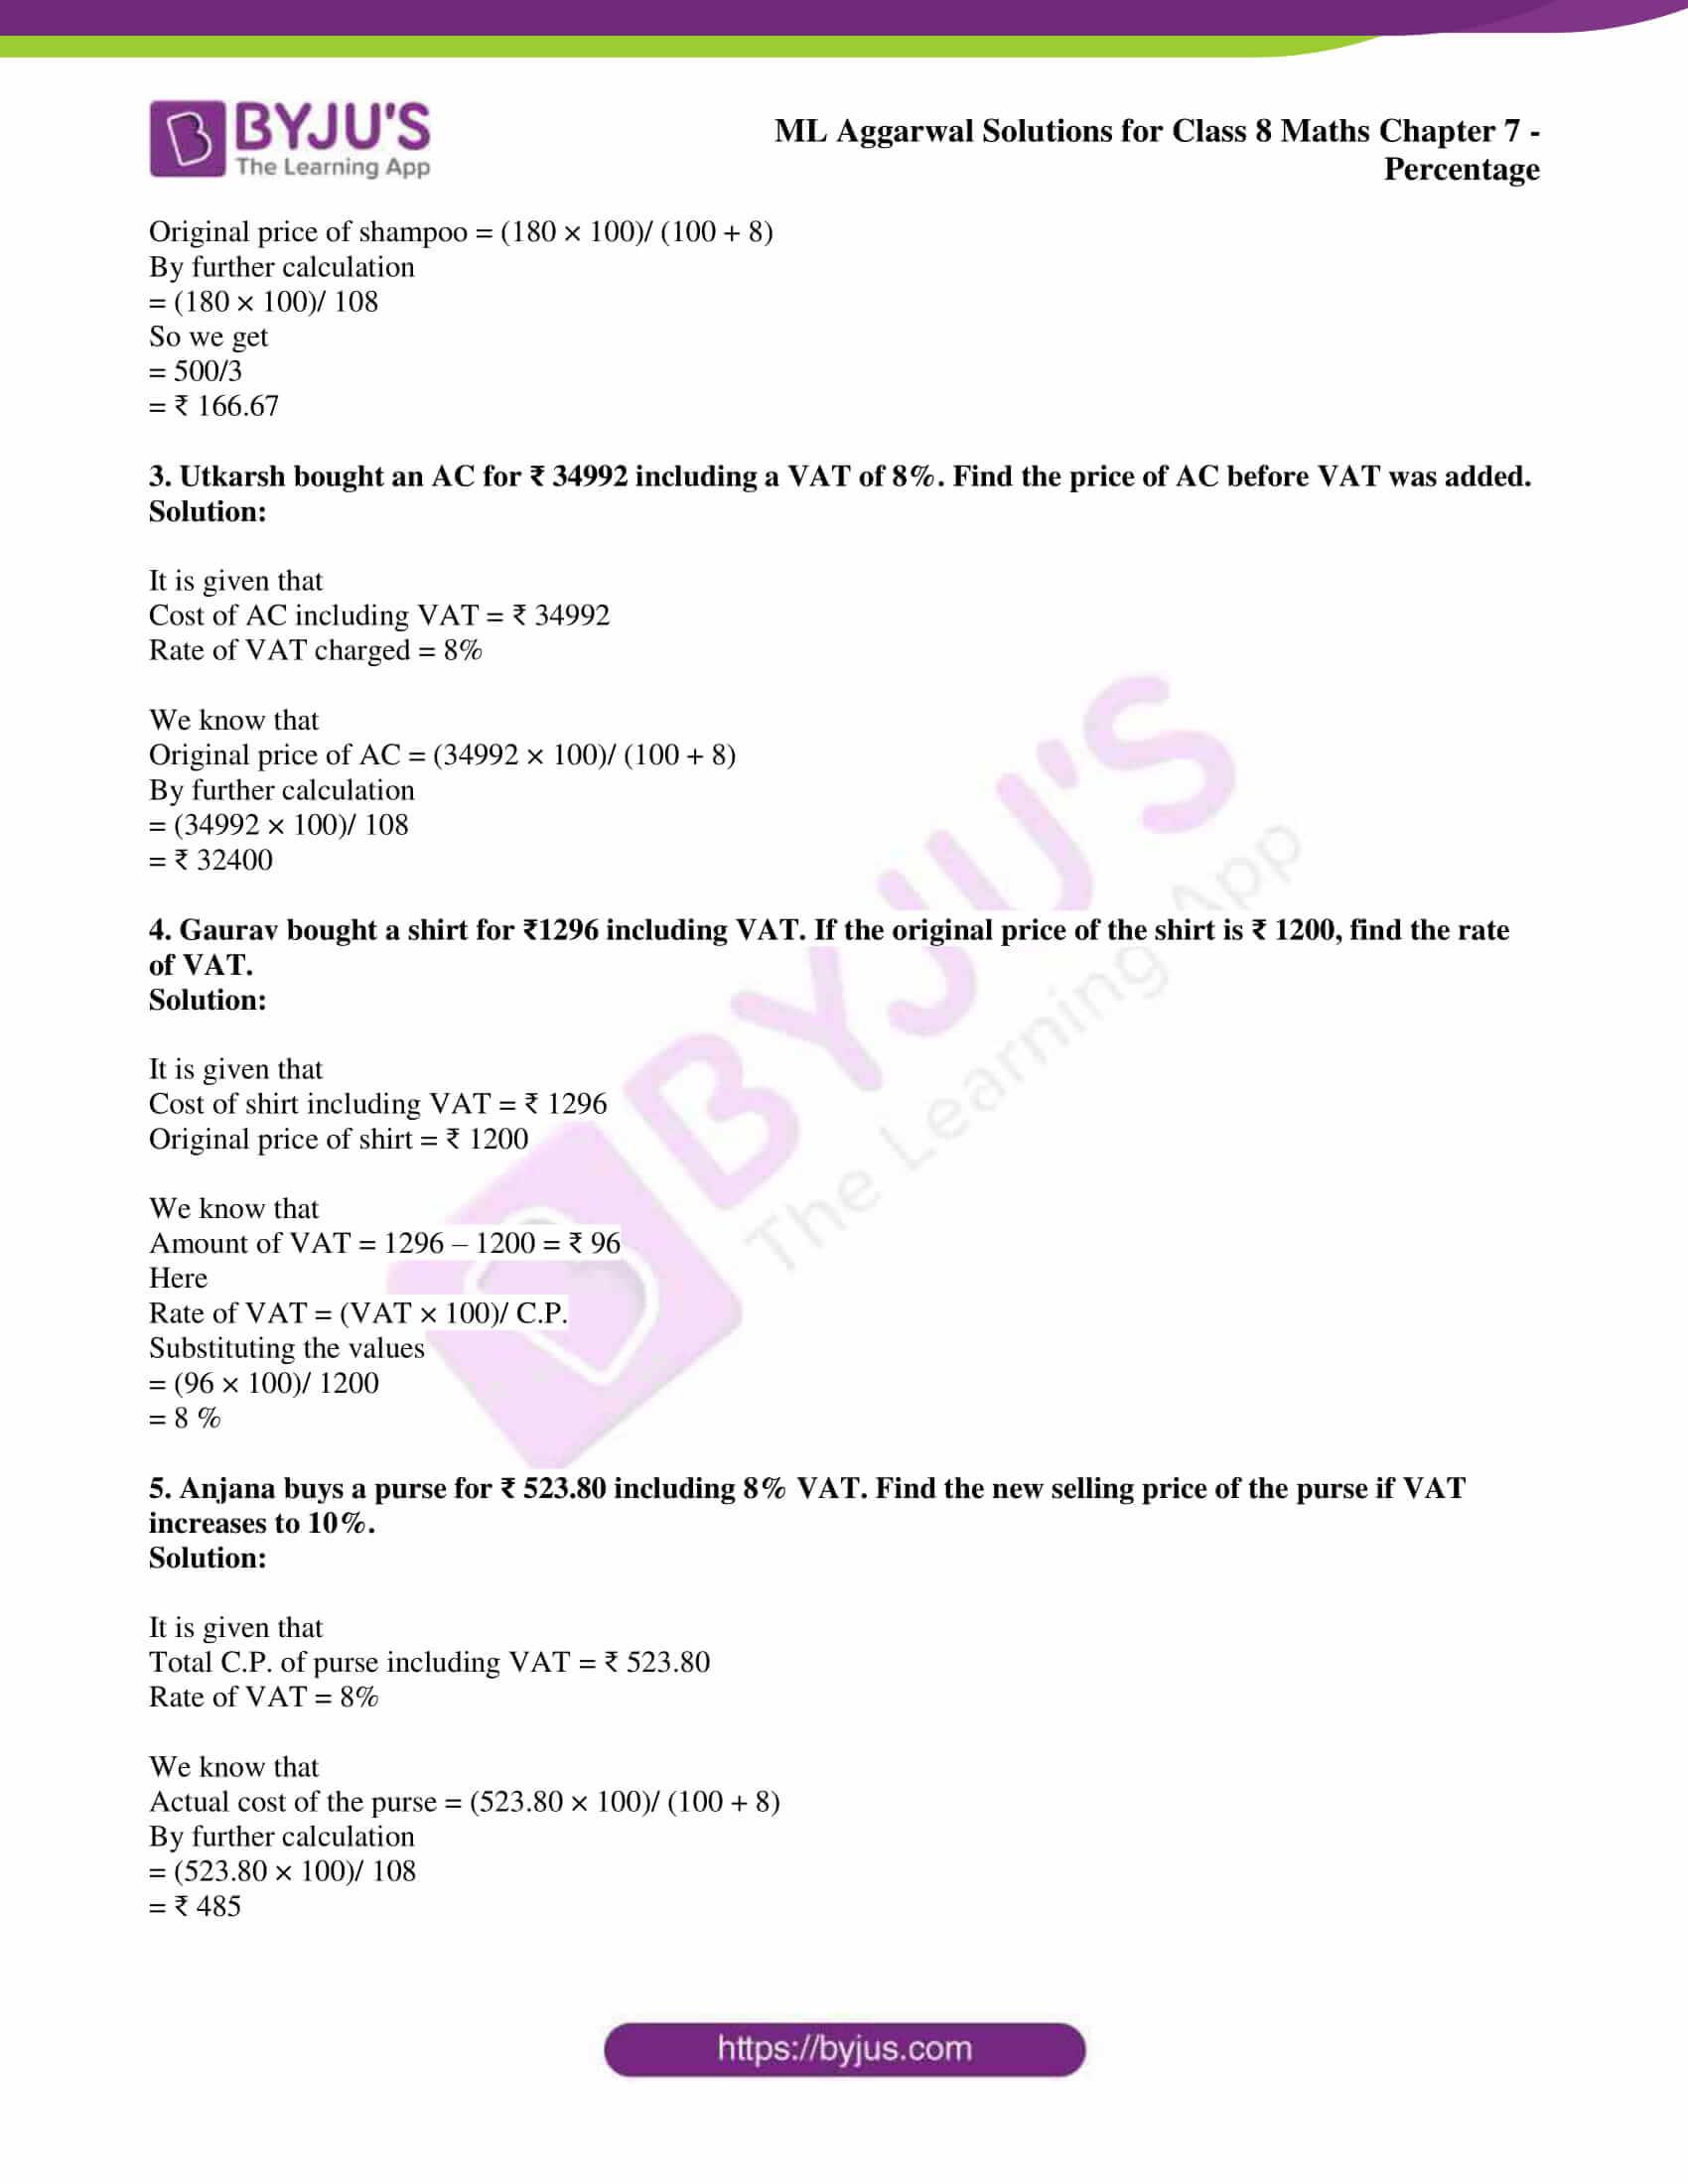 ml aggarwal sol mathematics class 8 ch 7 32